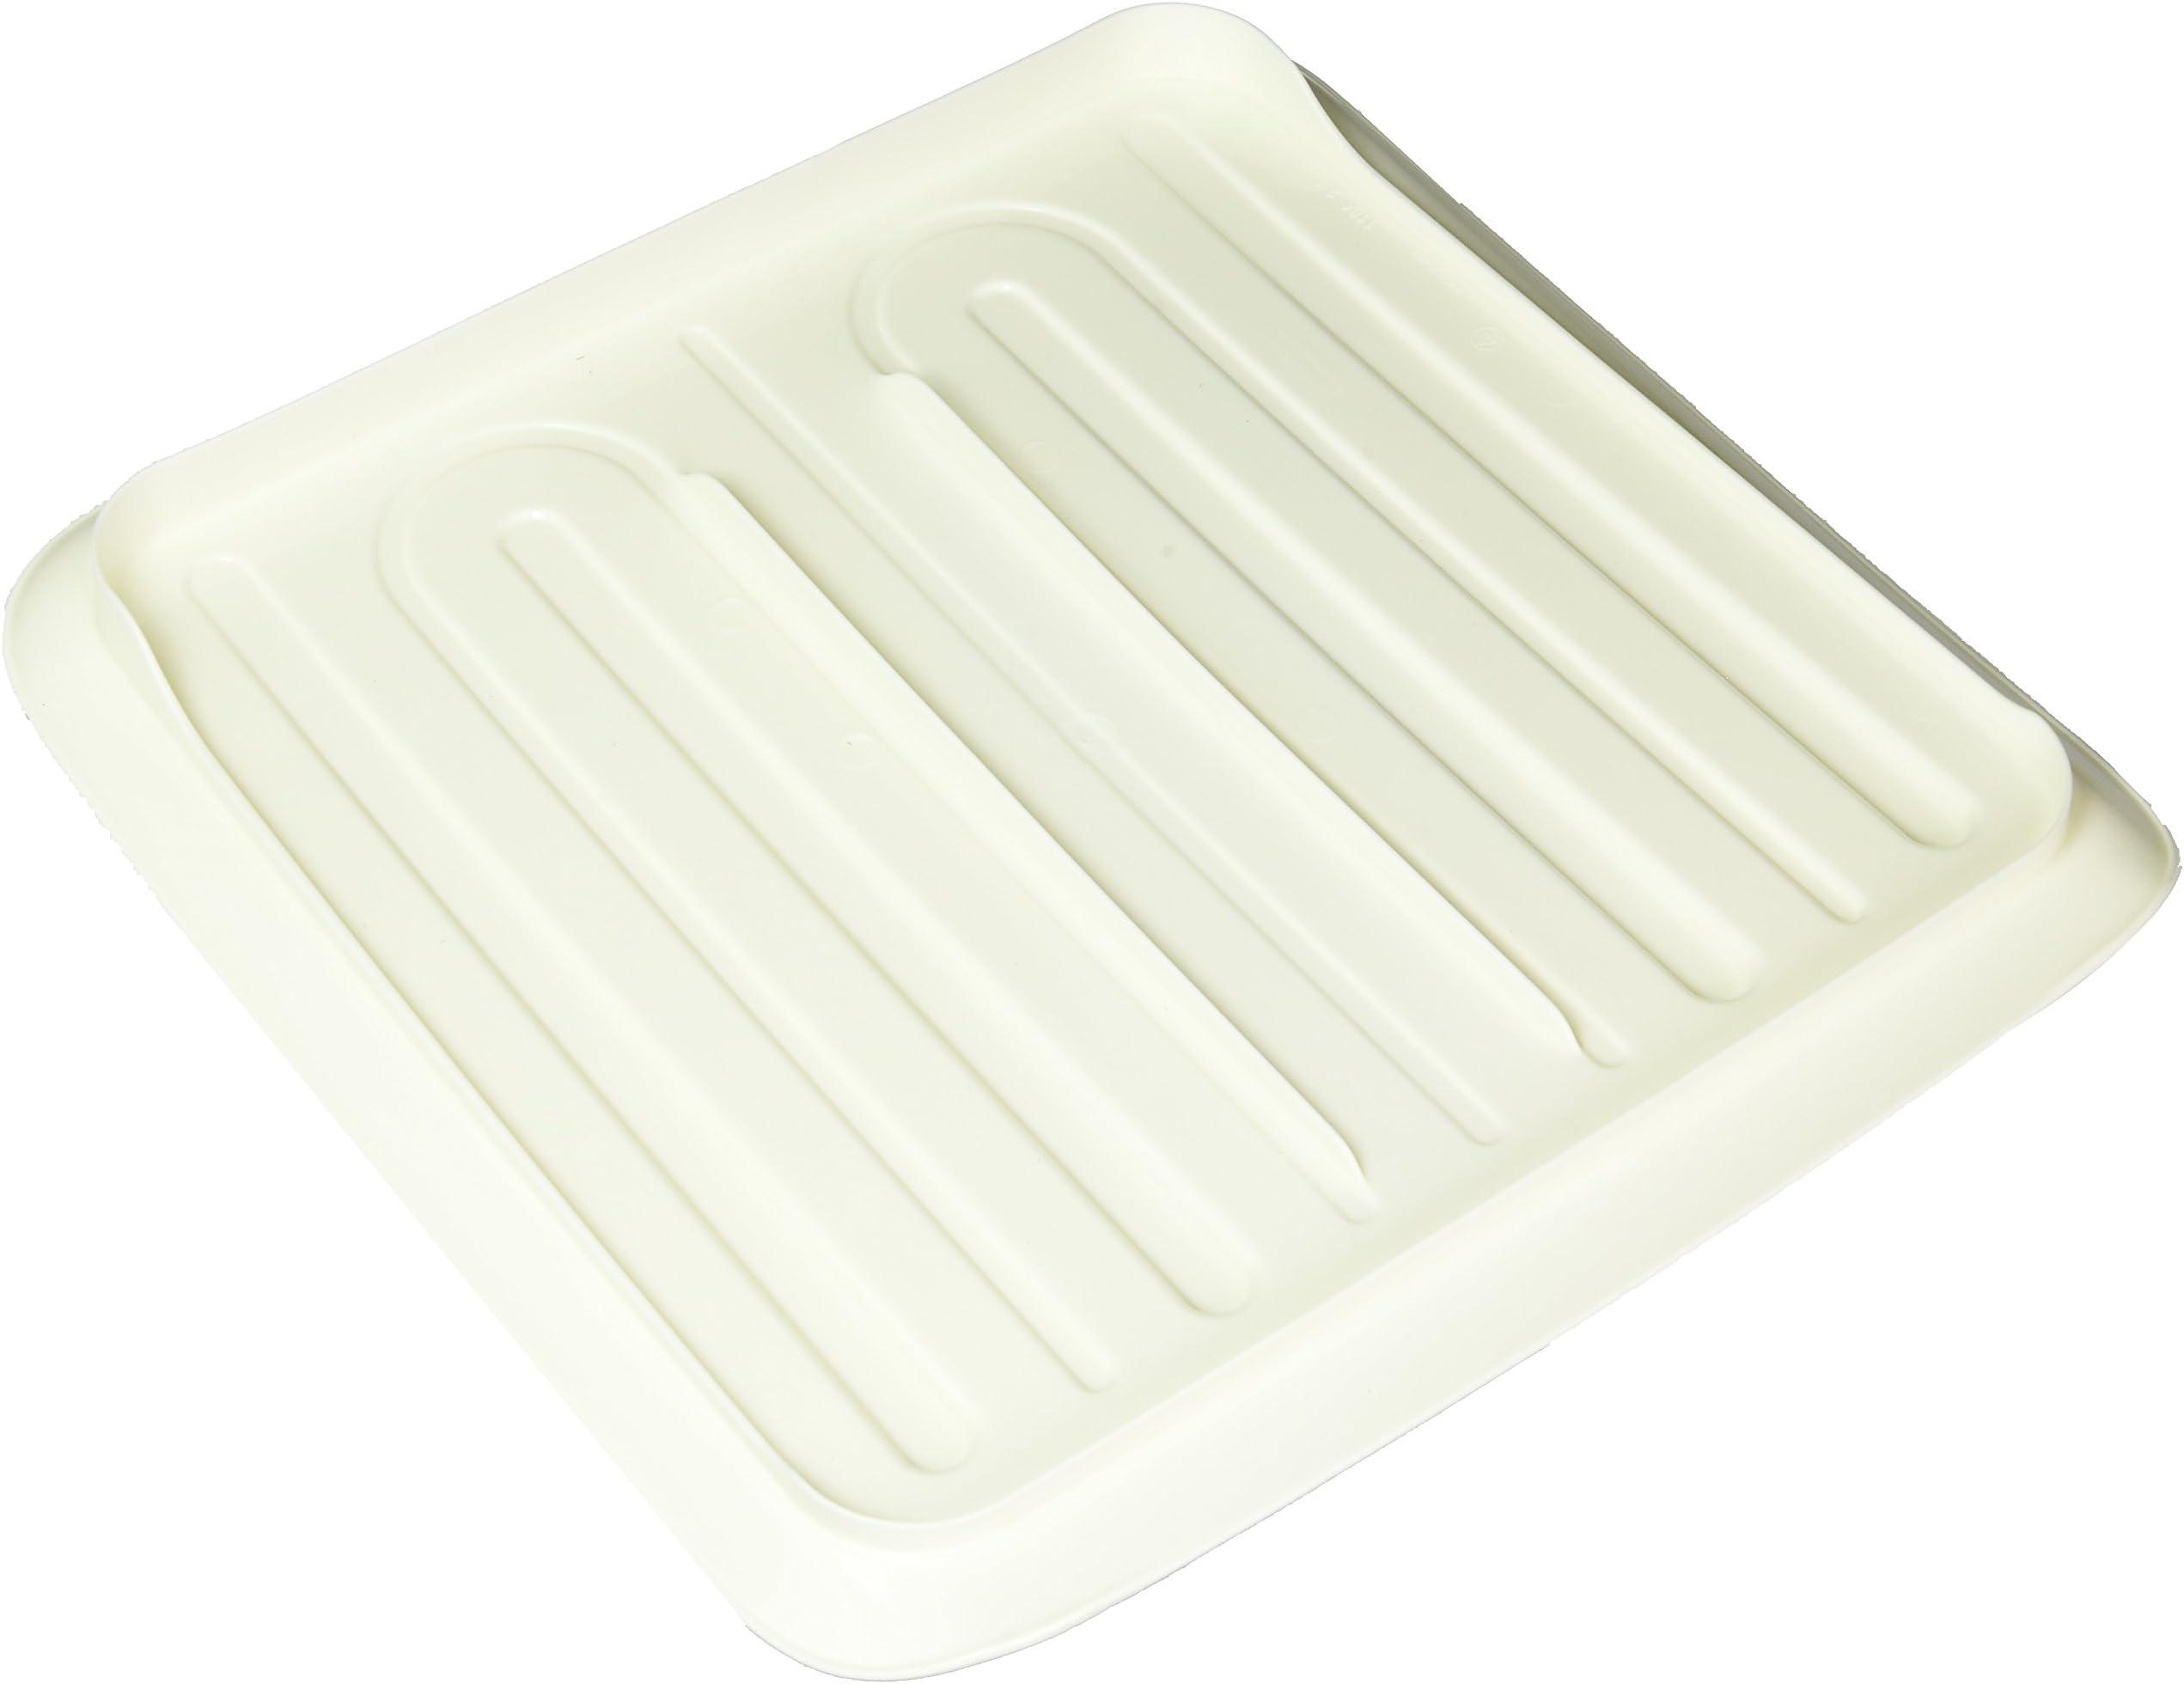 White Plastic Rubbermaid 1180-MA-WHT Drain Tray 14.2 X 14.8 Inches  NEW Small